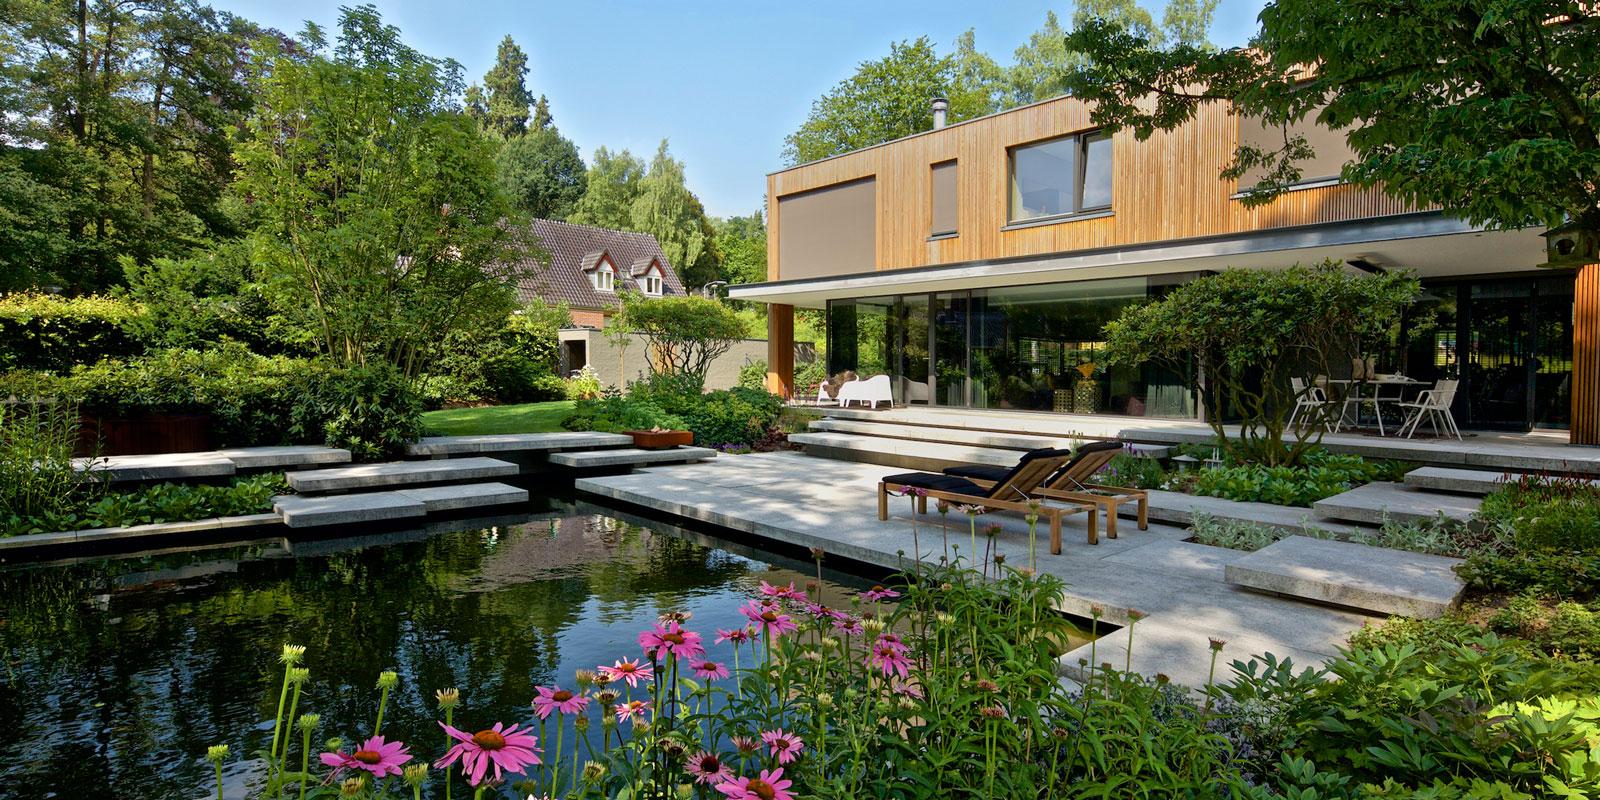 zwemvijver, jaap sterk, tuinaanleg, zwemvijver aanleggen, tuinontwerp, the art of living